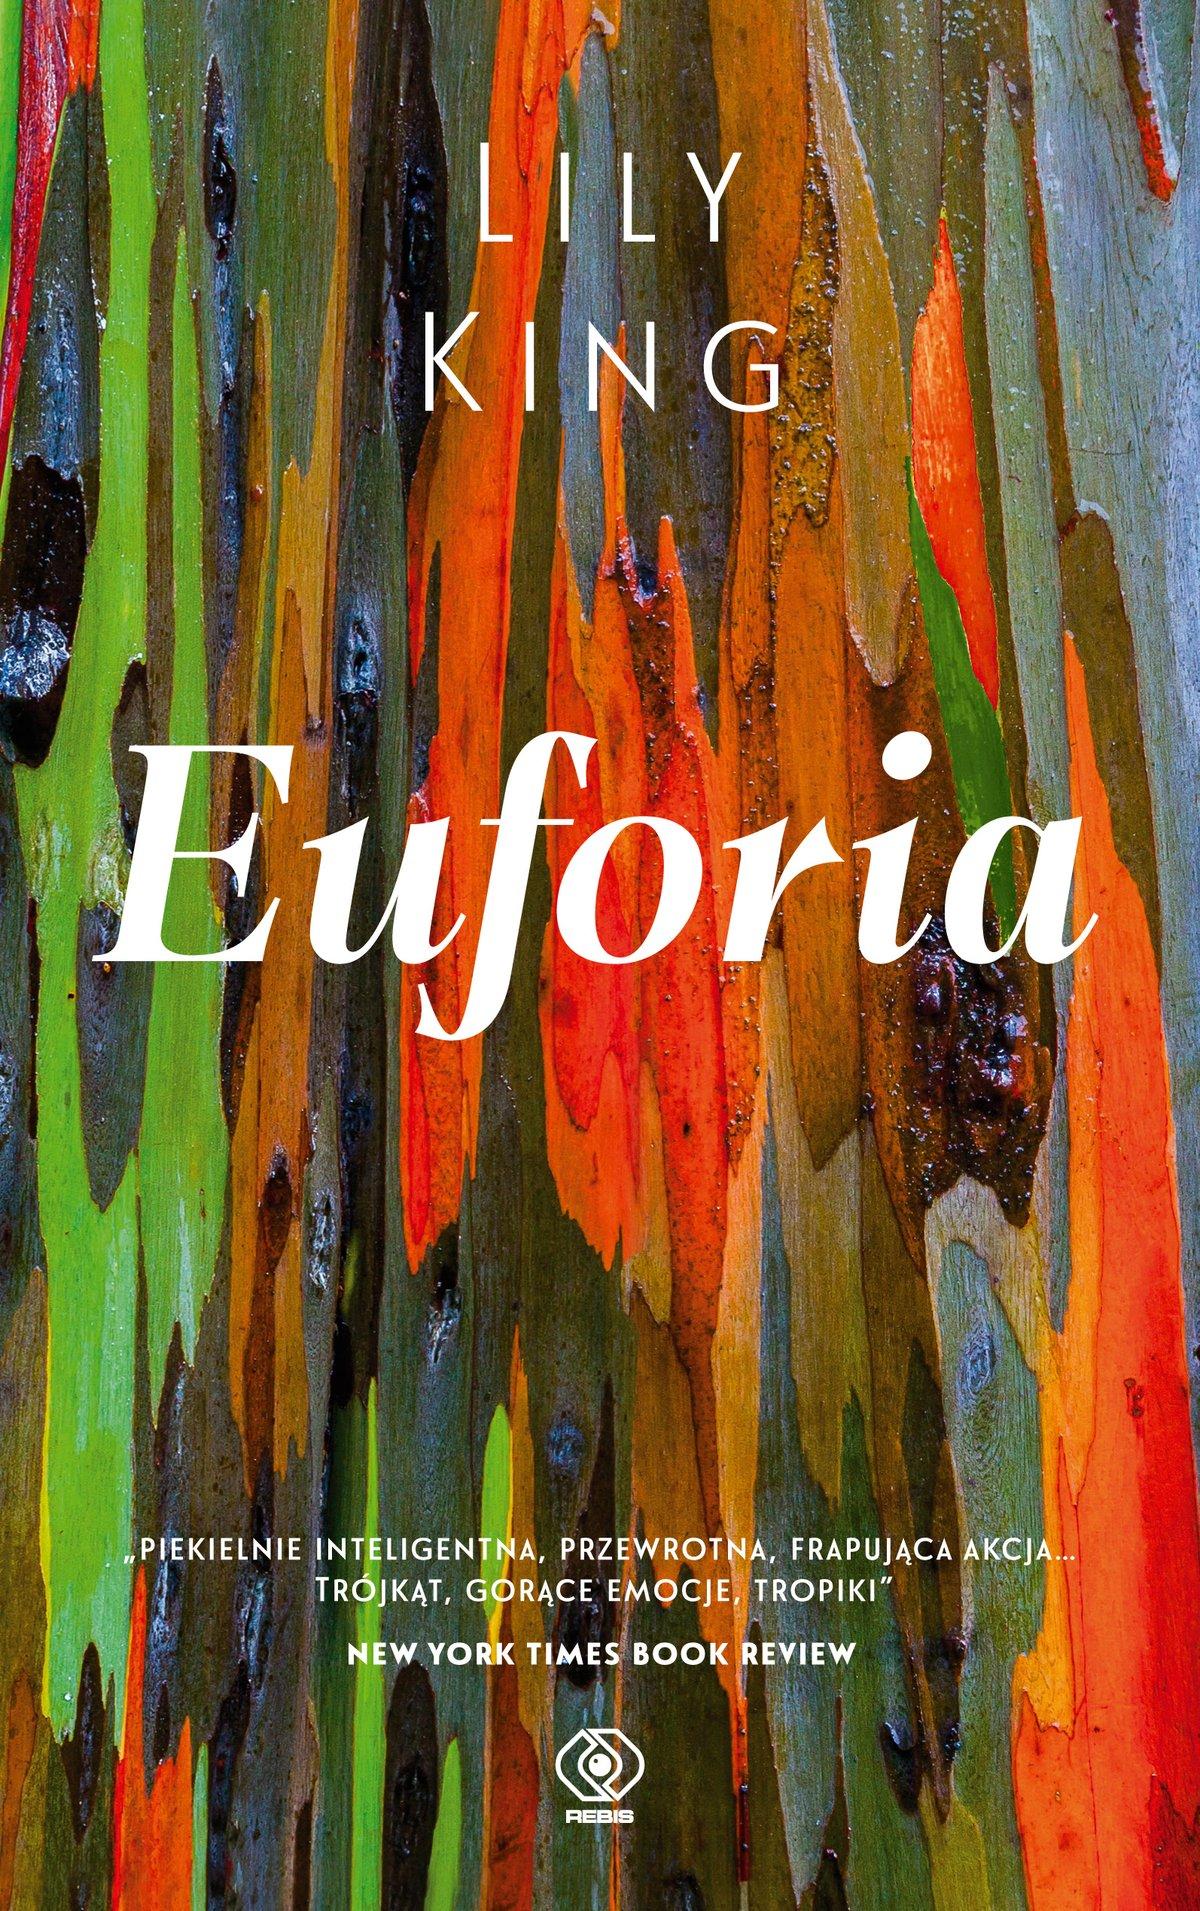 Euforia - Ebook (Książka EPUB) do pobrania w formacie EPUB